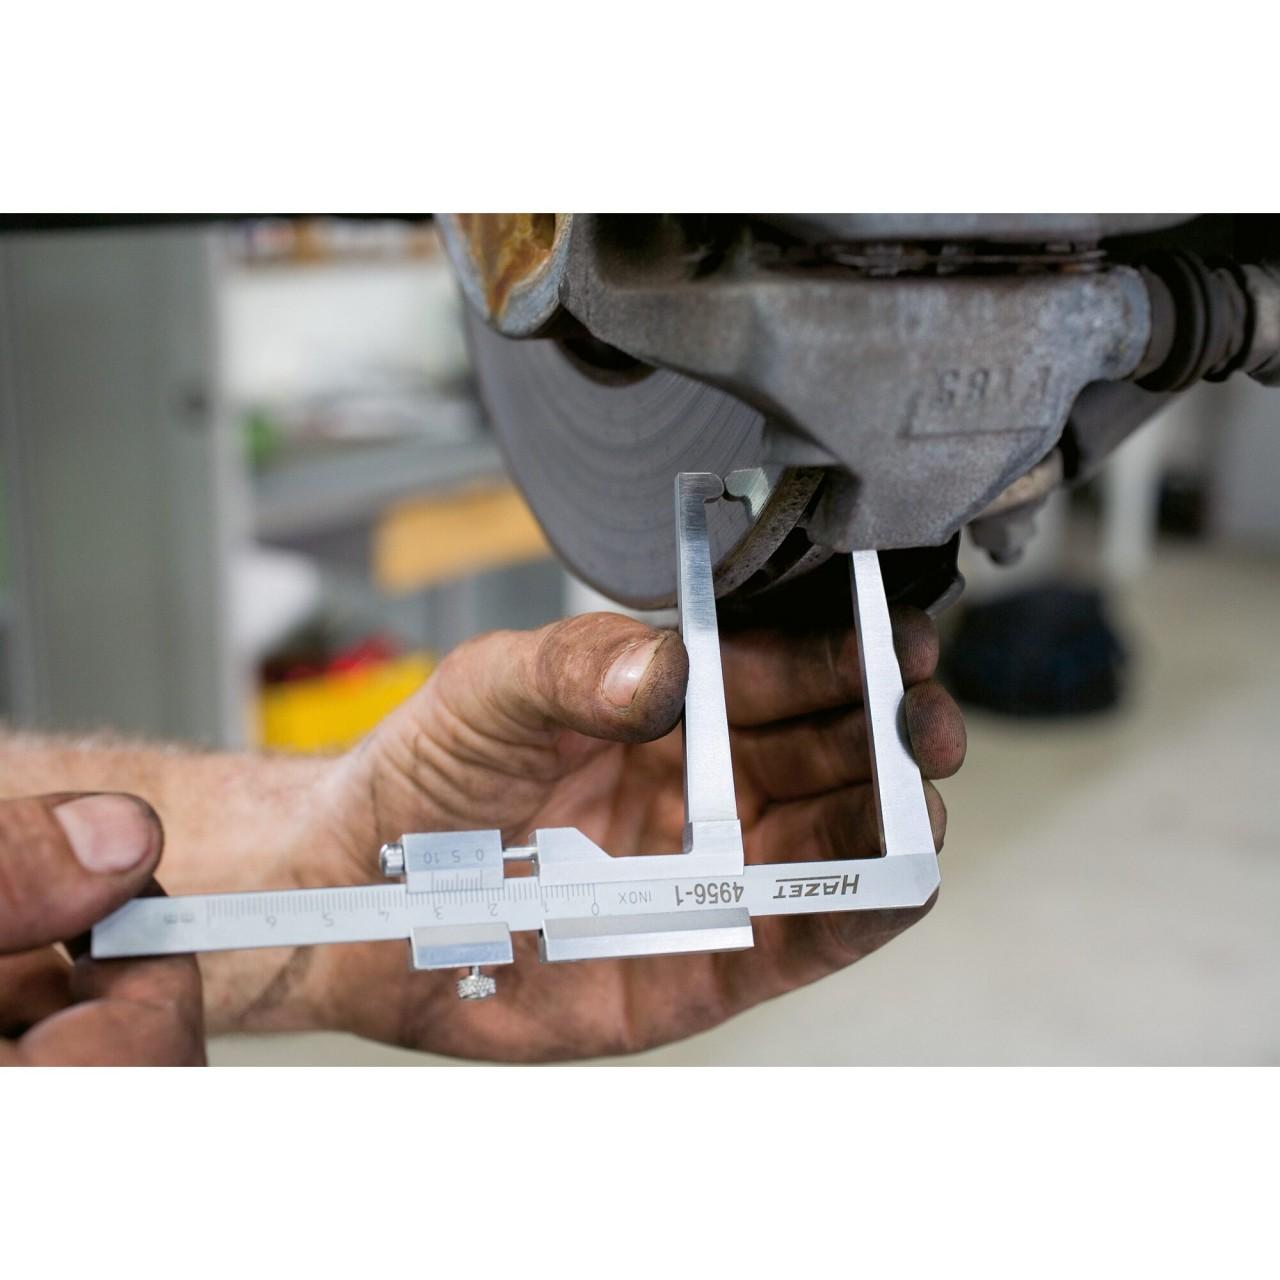 Bremsendienst | Spezialwerkzeuge | Produkte | HAZET-WERK - Hermann Zerver  GmbH & Co. KG